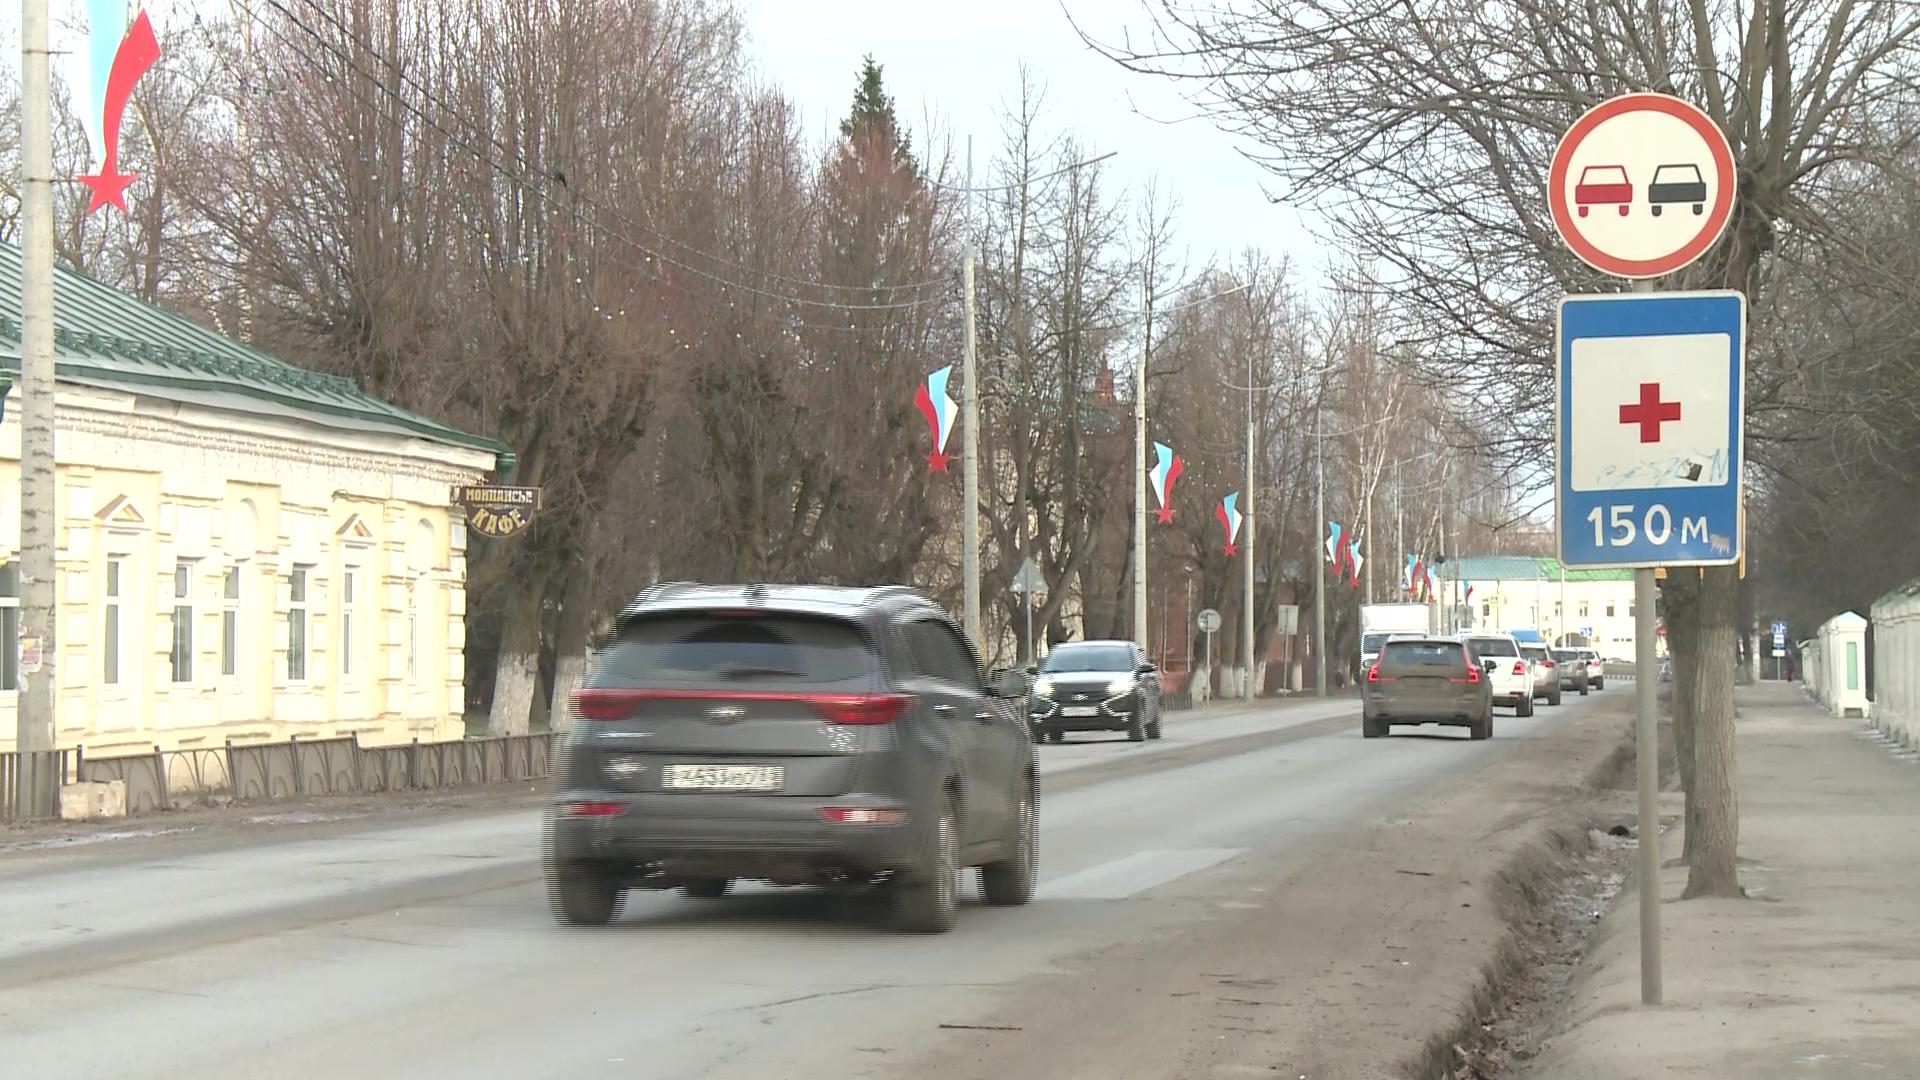 Двое жителей области чуть не задушили переславца из-за двухсот рублей